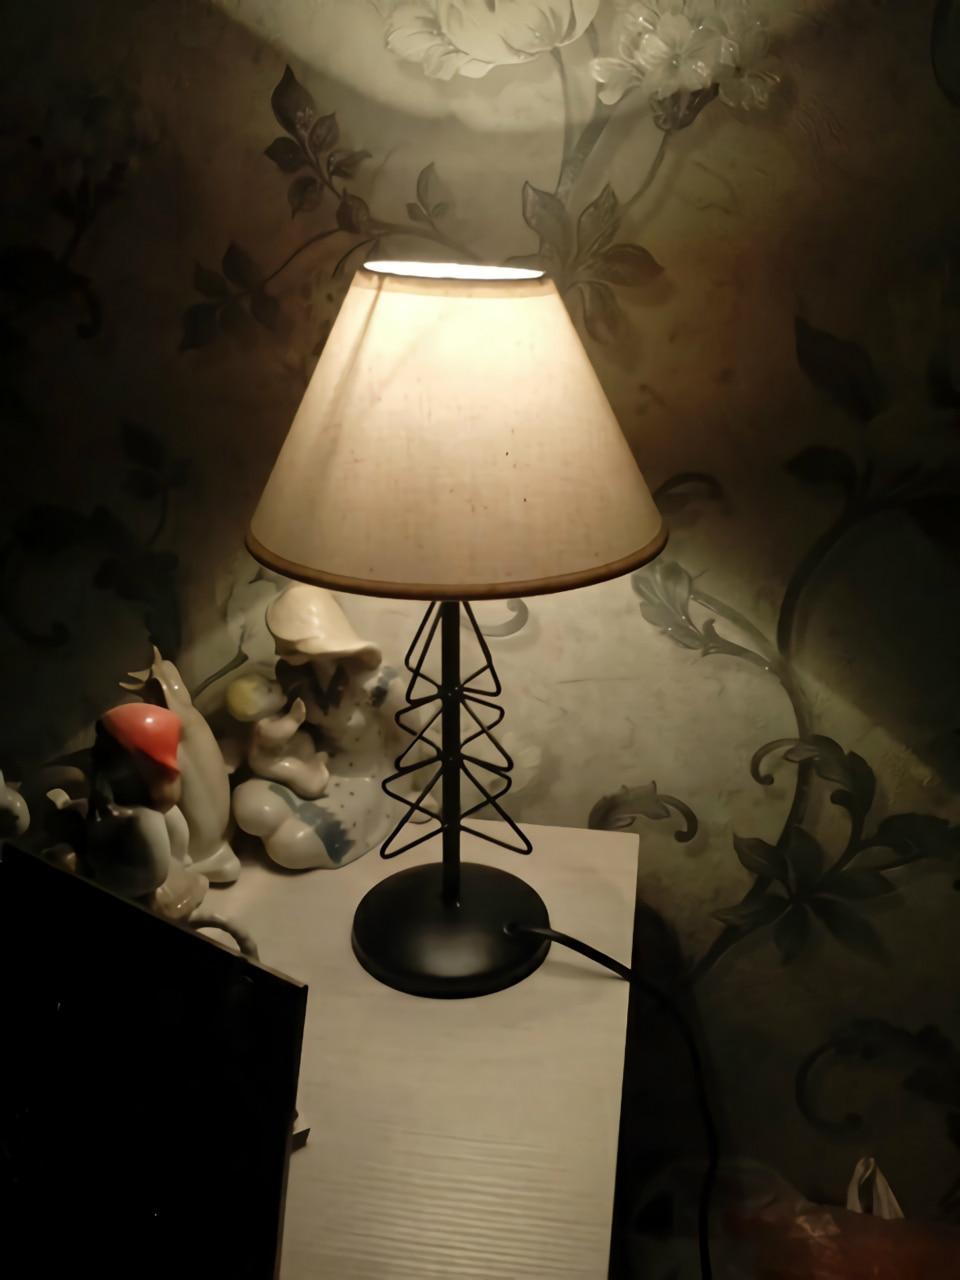 Full Size of 2pack Led Lampe Beleuchtung Halter Tisch Eisen Basis Stoff Wohnzimmer Lampen Tischlampe Für Kamin Spiegel Bad Heizkörper Hängelampe Einbauleuchten Wohnzimmer Wohnzimmer Led Lampe